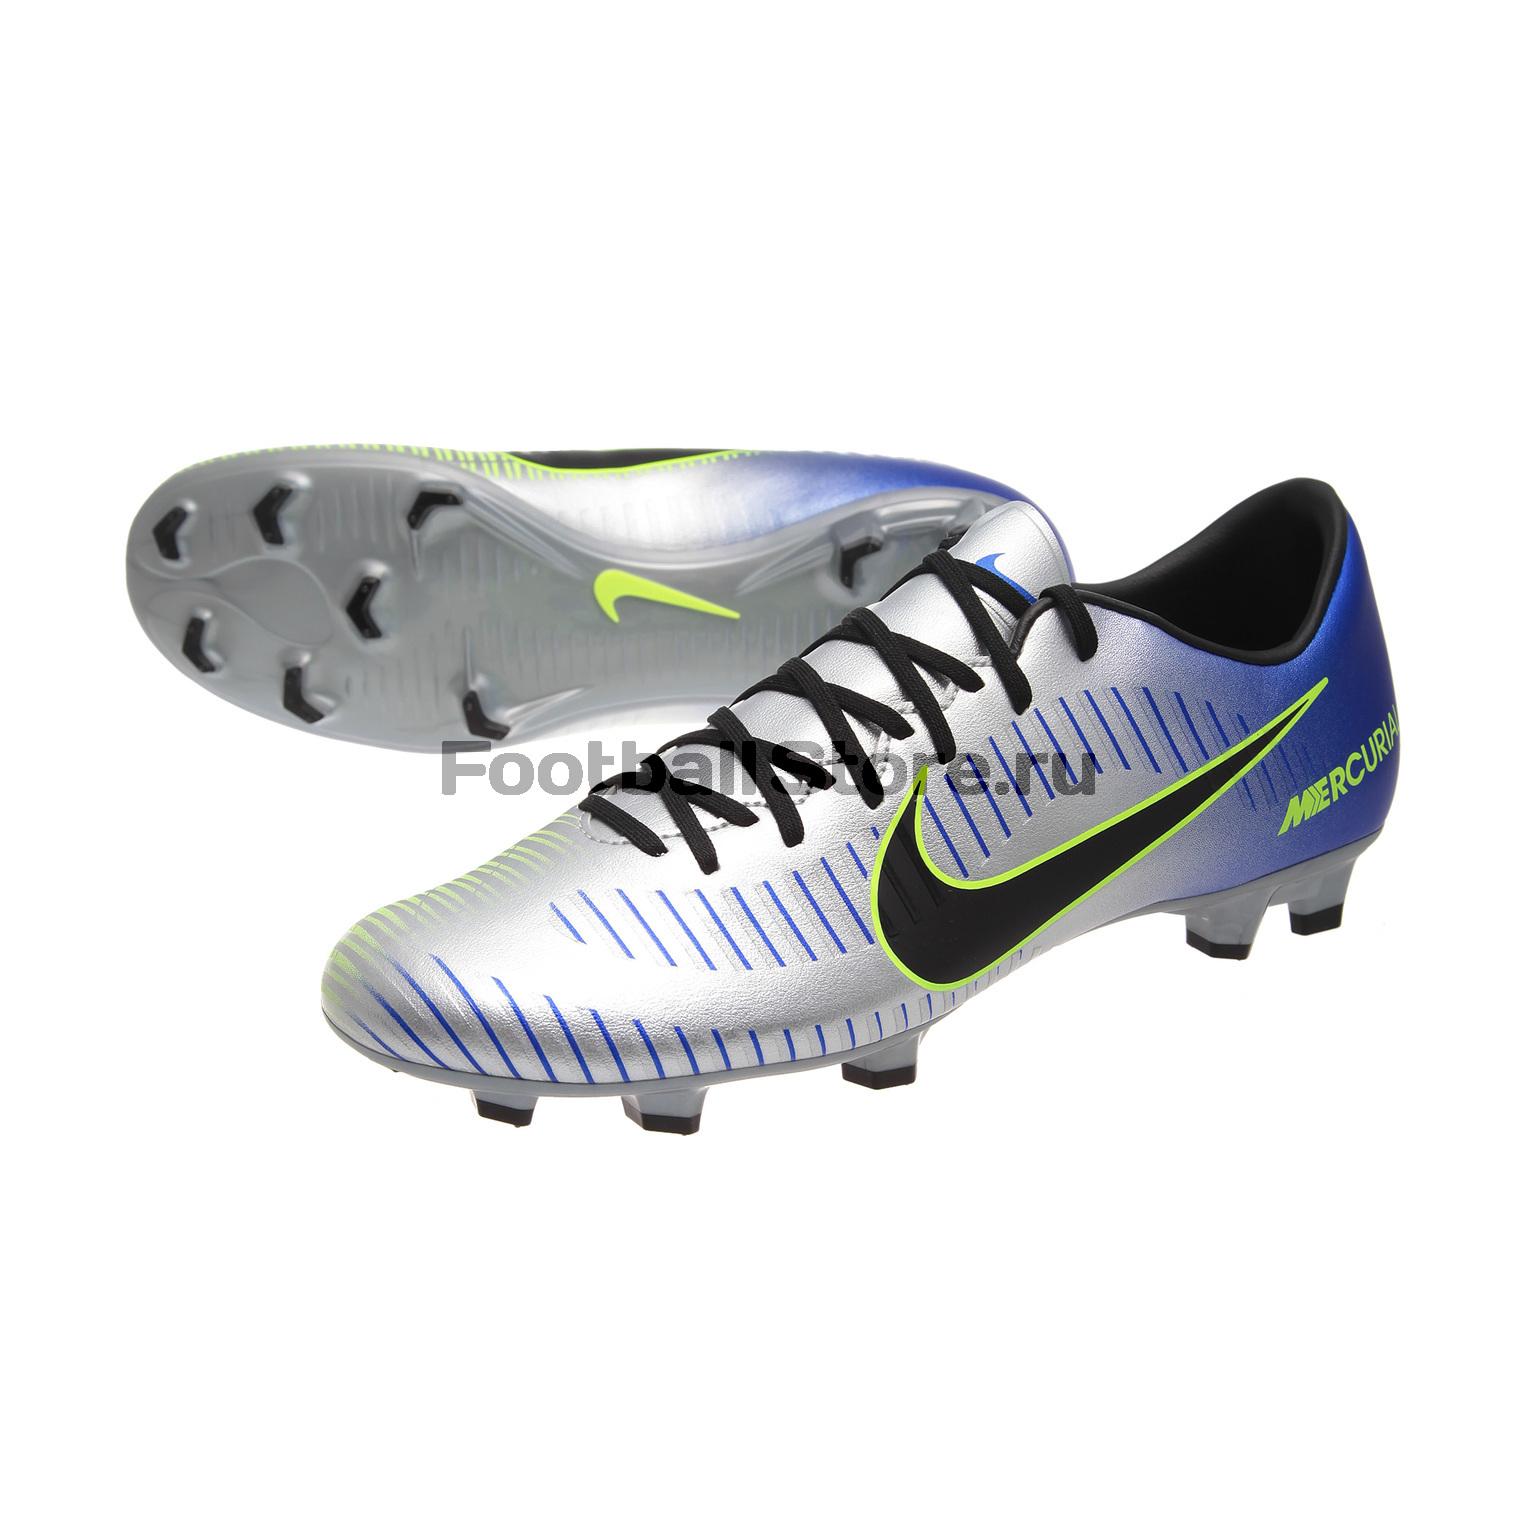 Бутсы Nike Mercurial Victory VI Neymar FG 921509-407 детские бутсы nike бутсы nike jr phantom 3 elite df fg ah7292 081